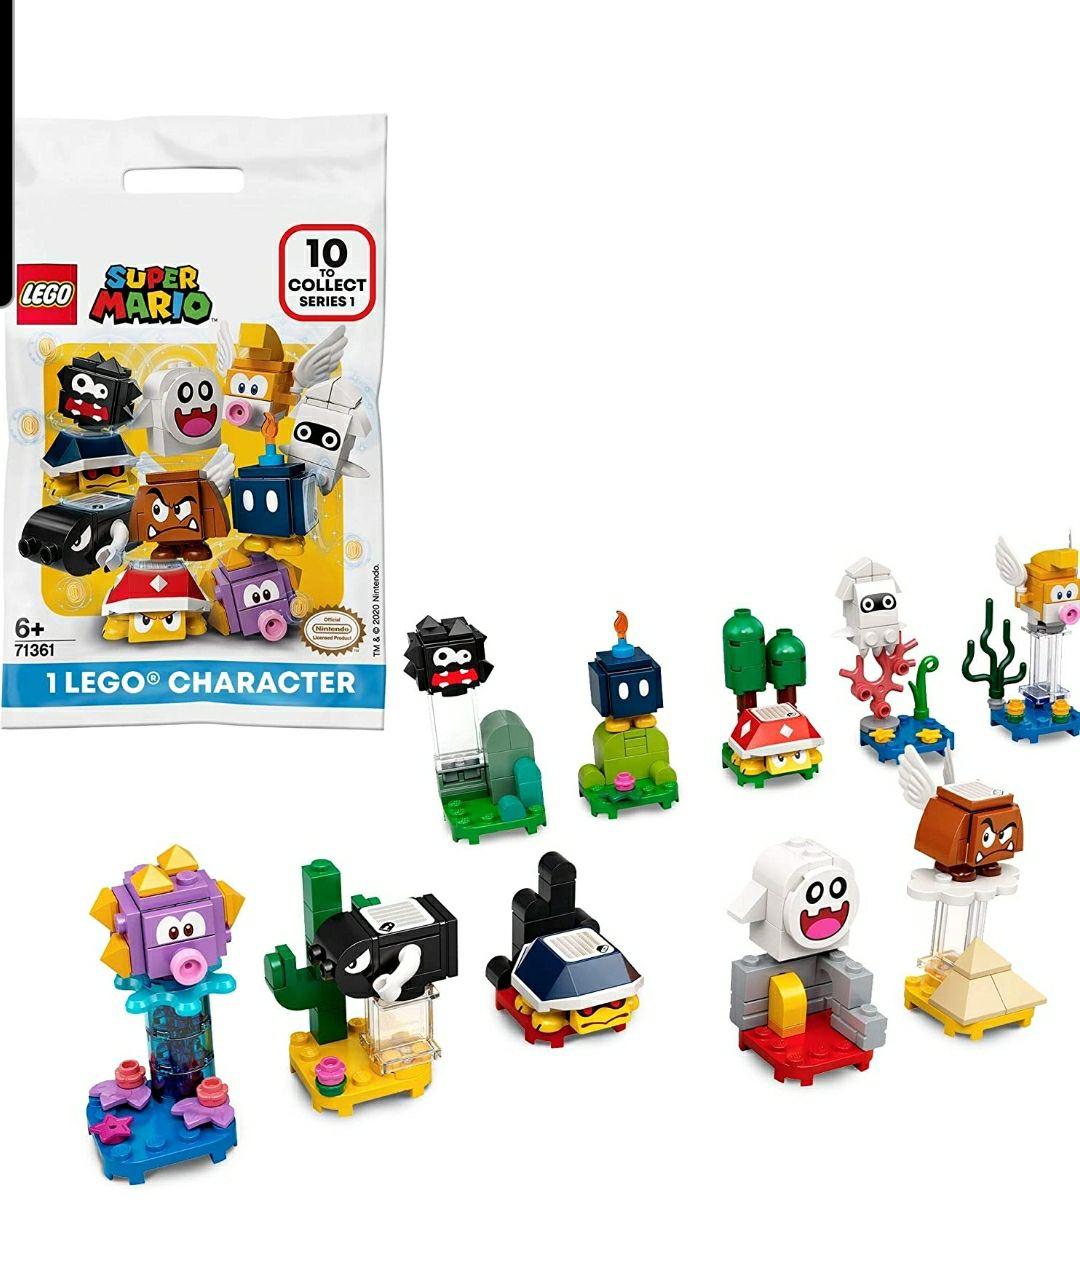 (PRIME) LEGO Super Mario Charakter-Serie 1